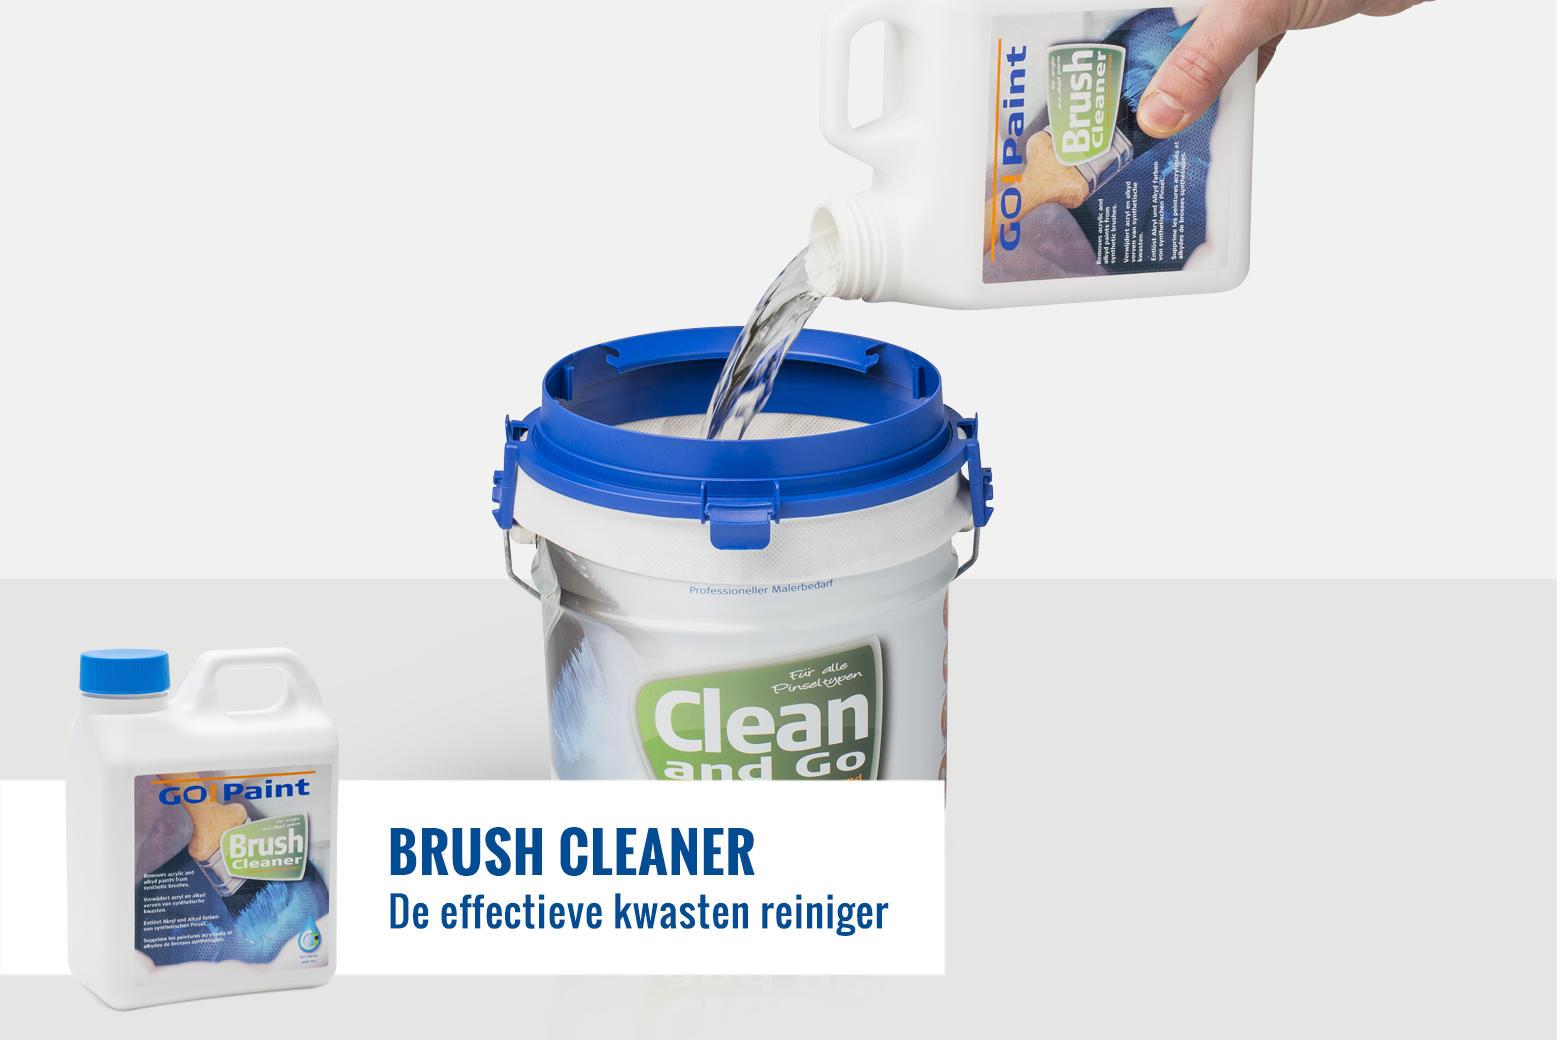 Go!Paint BrushCleaner is het milieuvriendelijke alternatief voor terpentine en water voor het schoonmaken van kwasten.